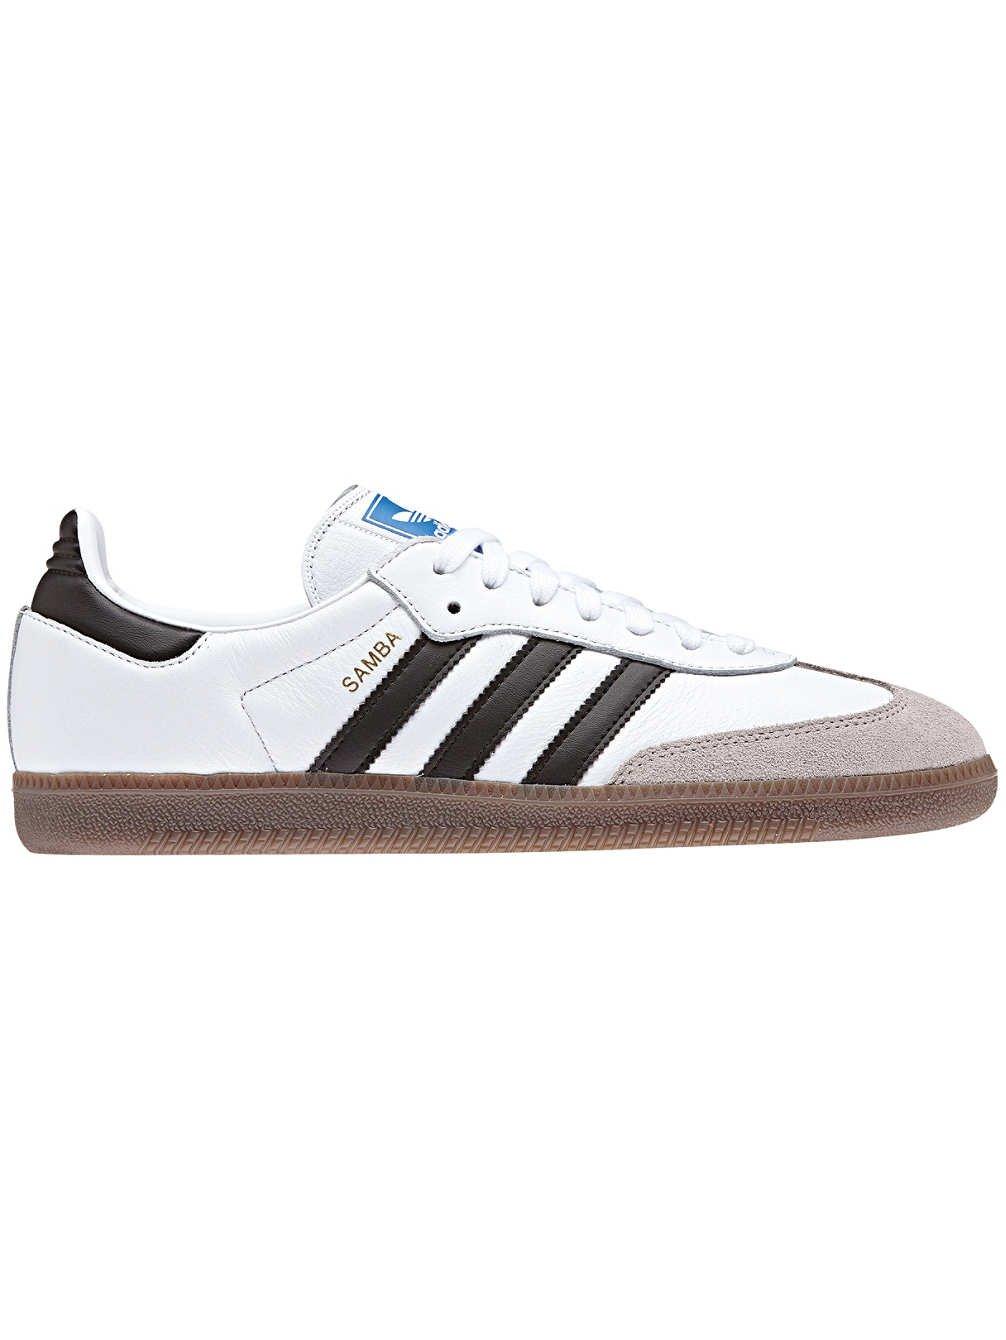 adidas Samba OG, Chaussures de Gymnastique Homme, Noir (Core Black/FTWR White/Gum5), 46 EU